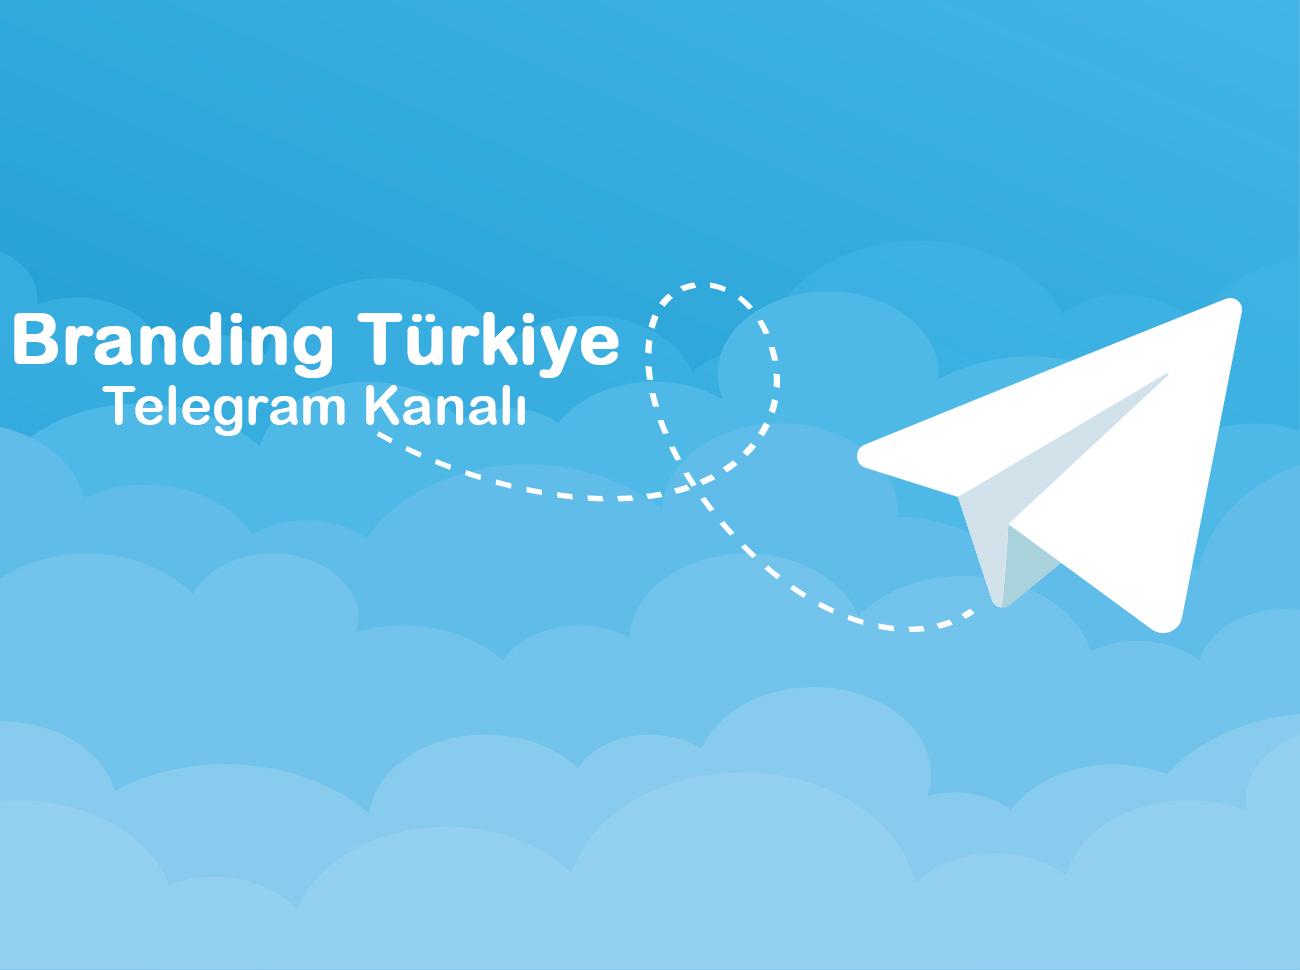 Branding Türkiye Telegram Kanalı Açıldı